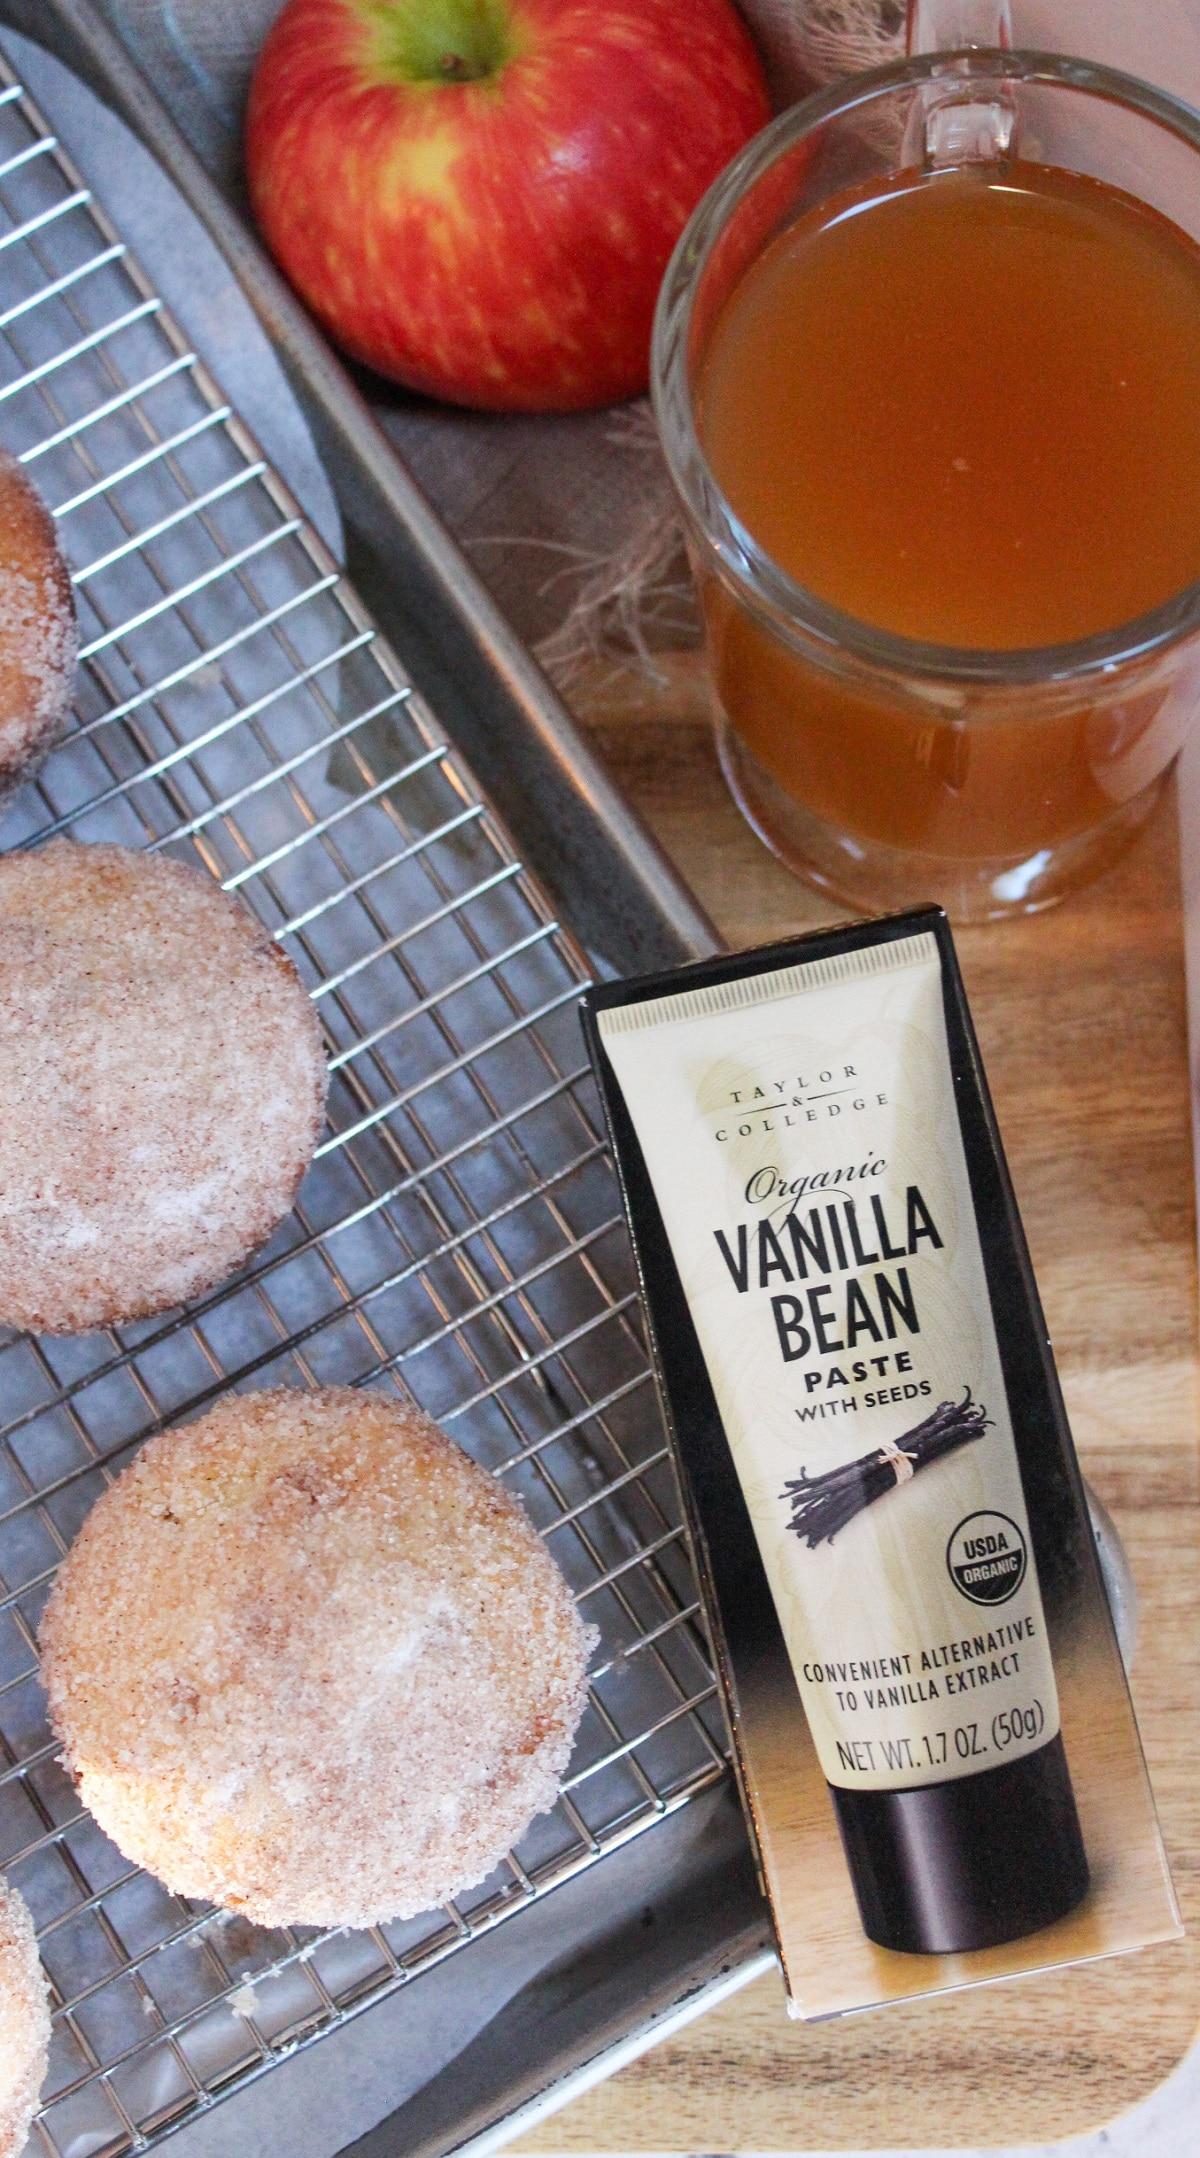 vanilla bean paste with muffins